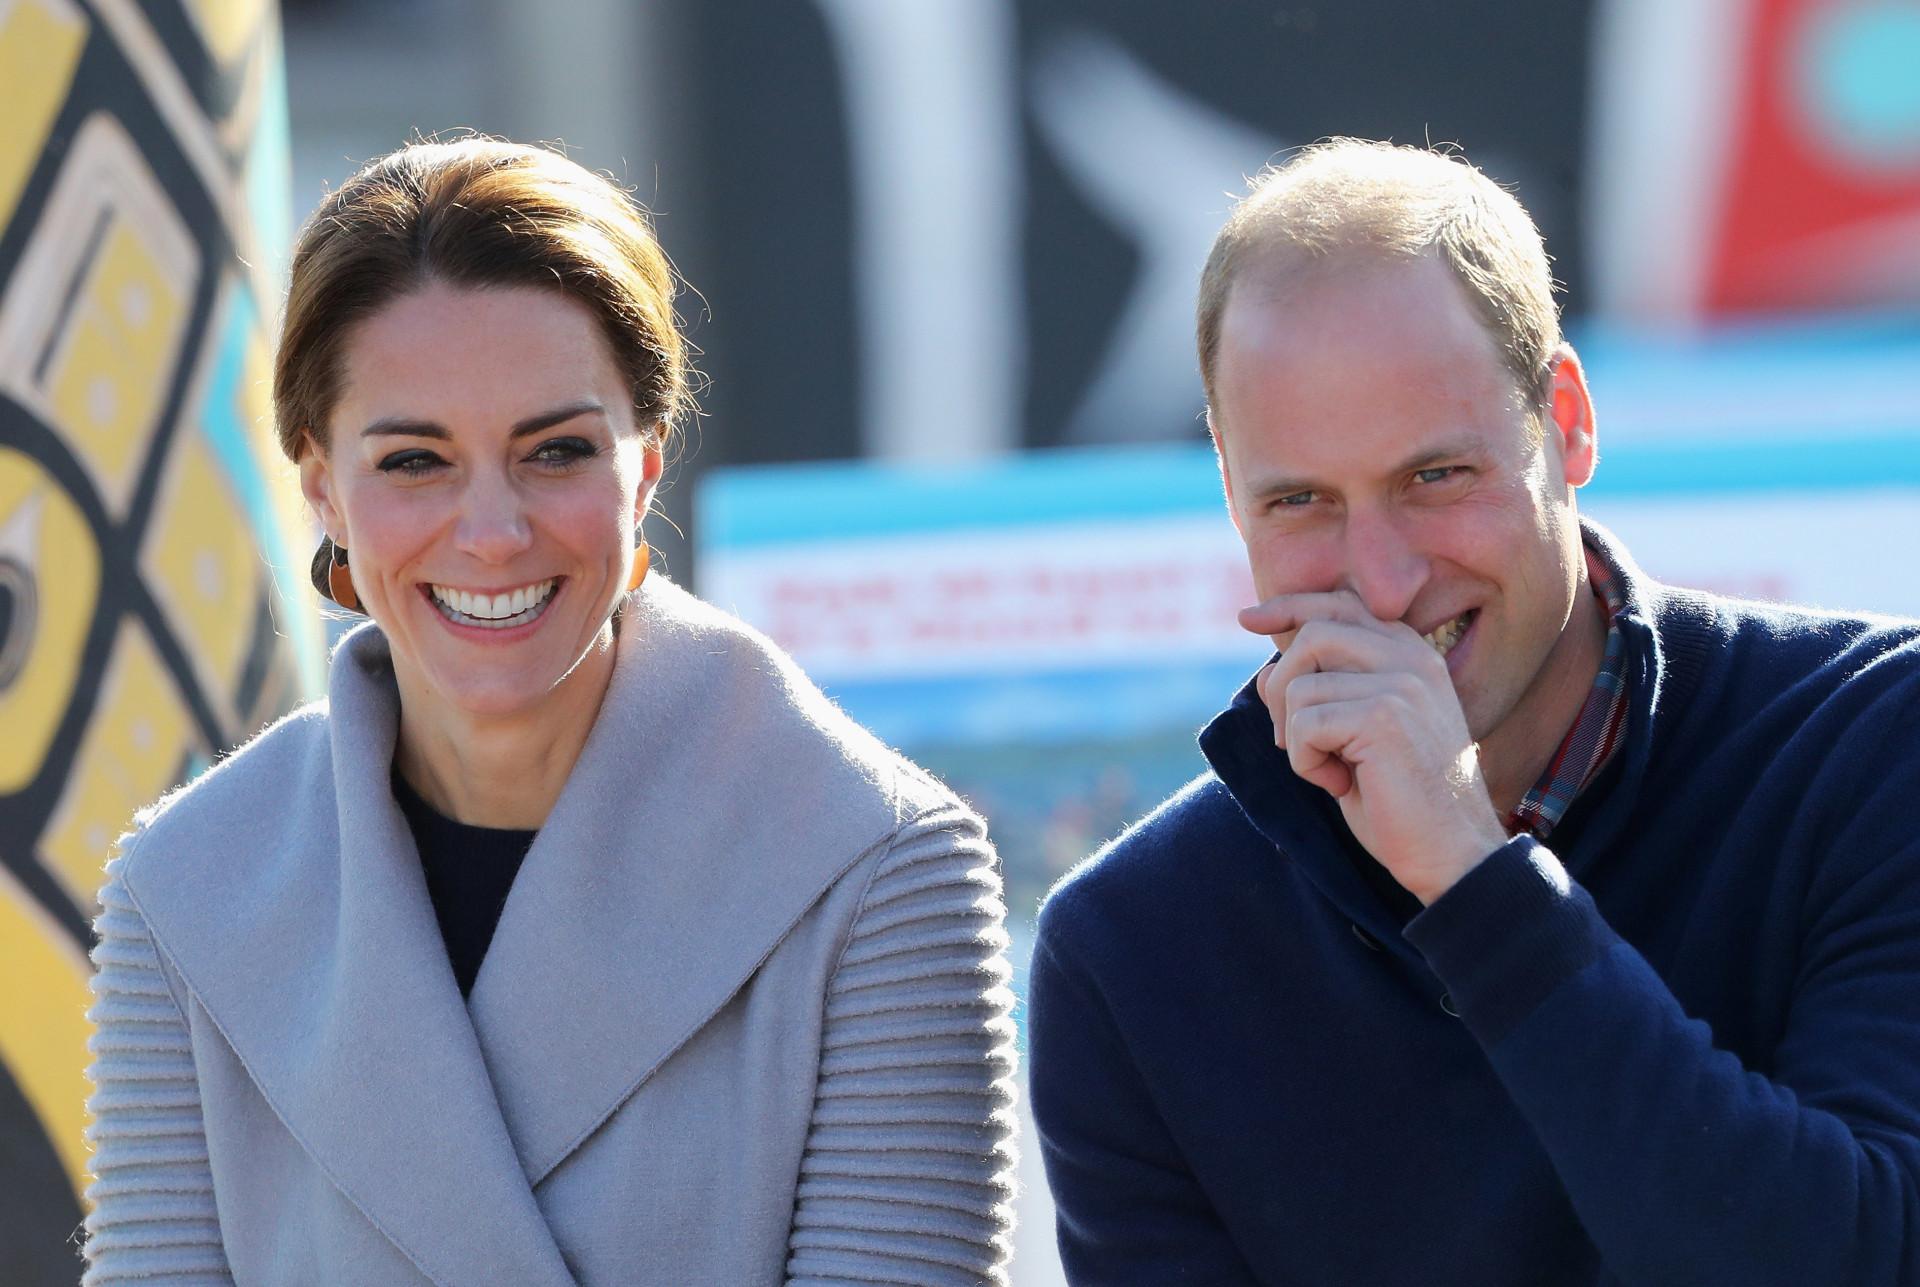 Descubra o que a família real britânica assiste na TV!